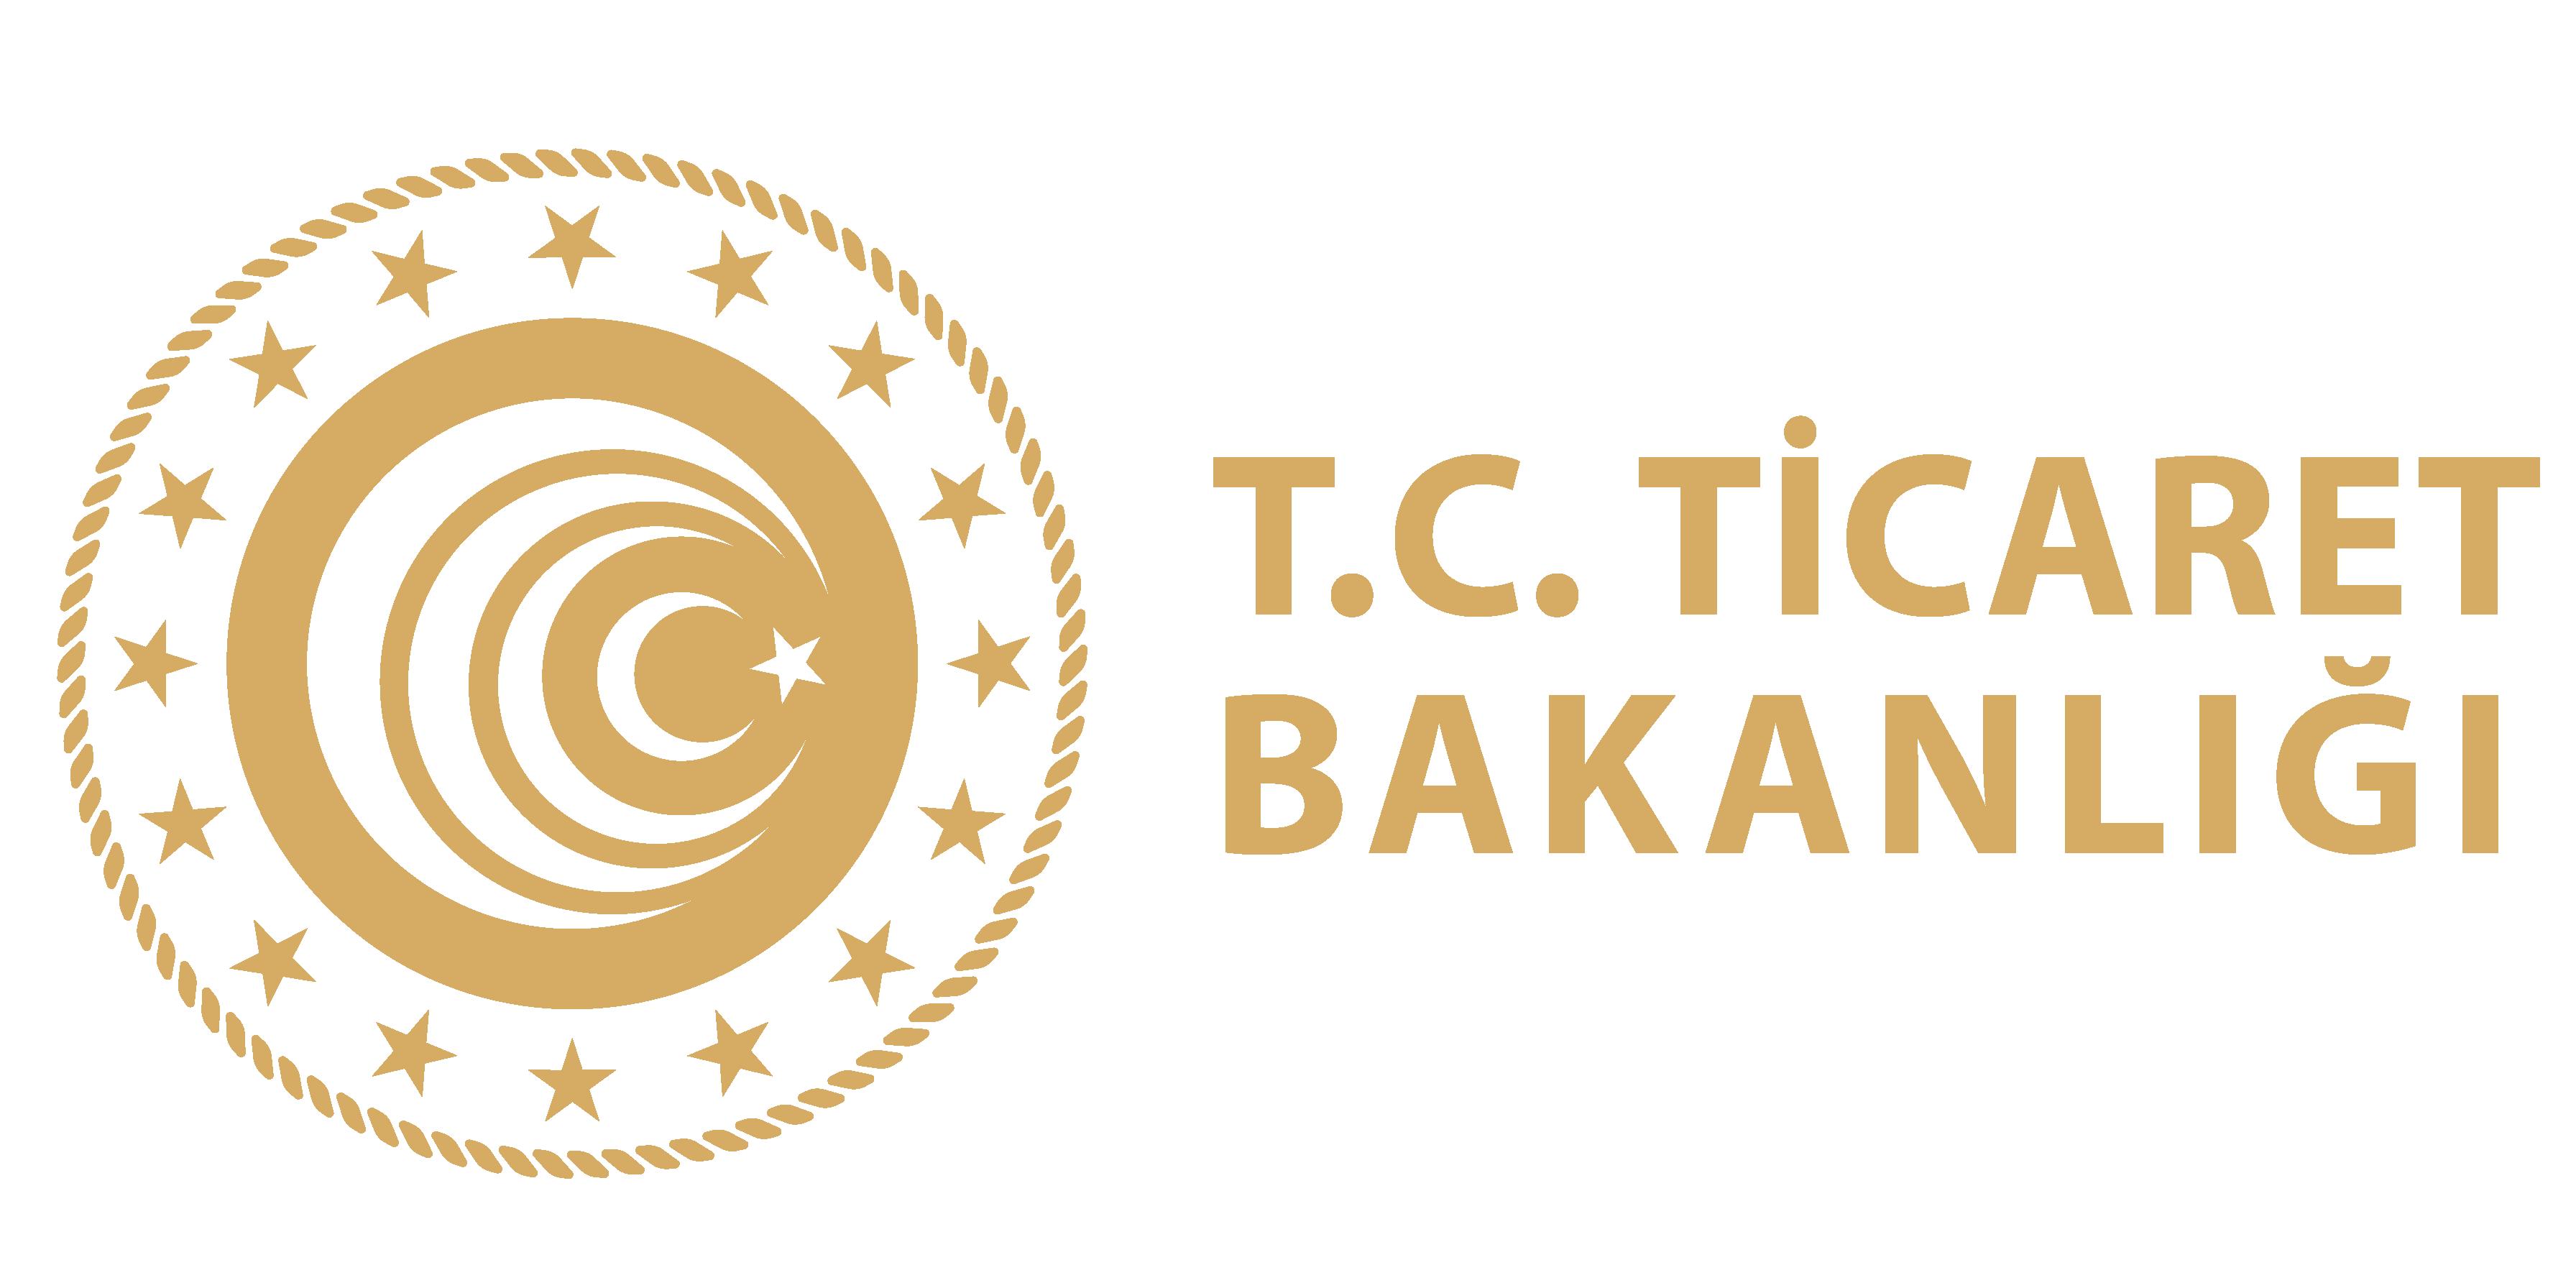 1_ticaret-bakanligi-1.png